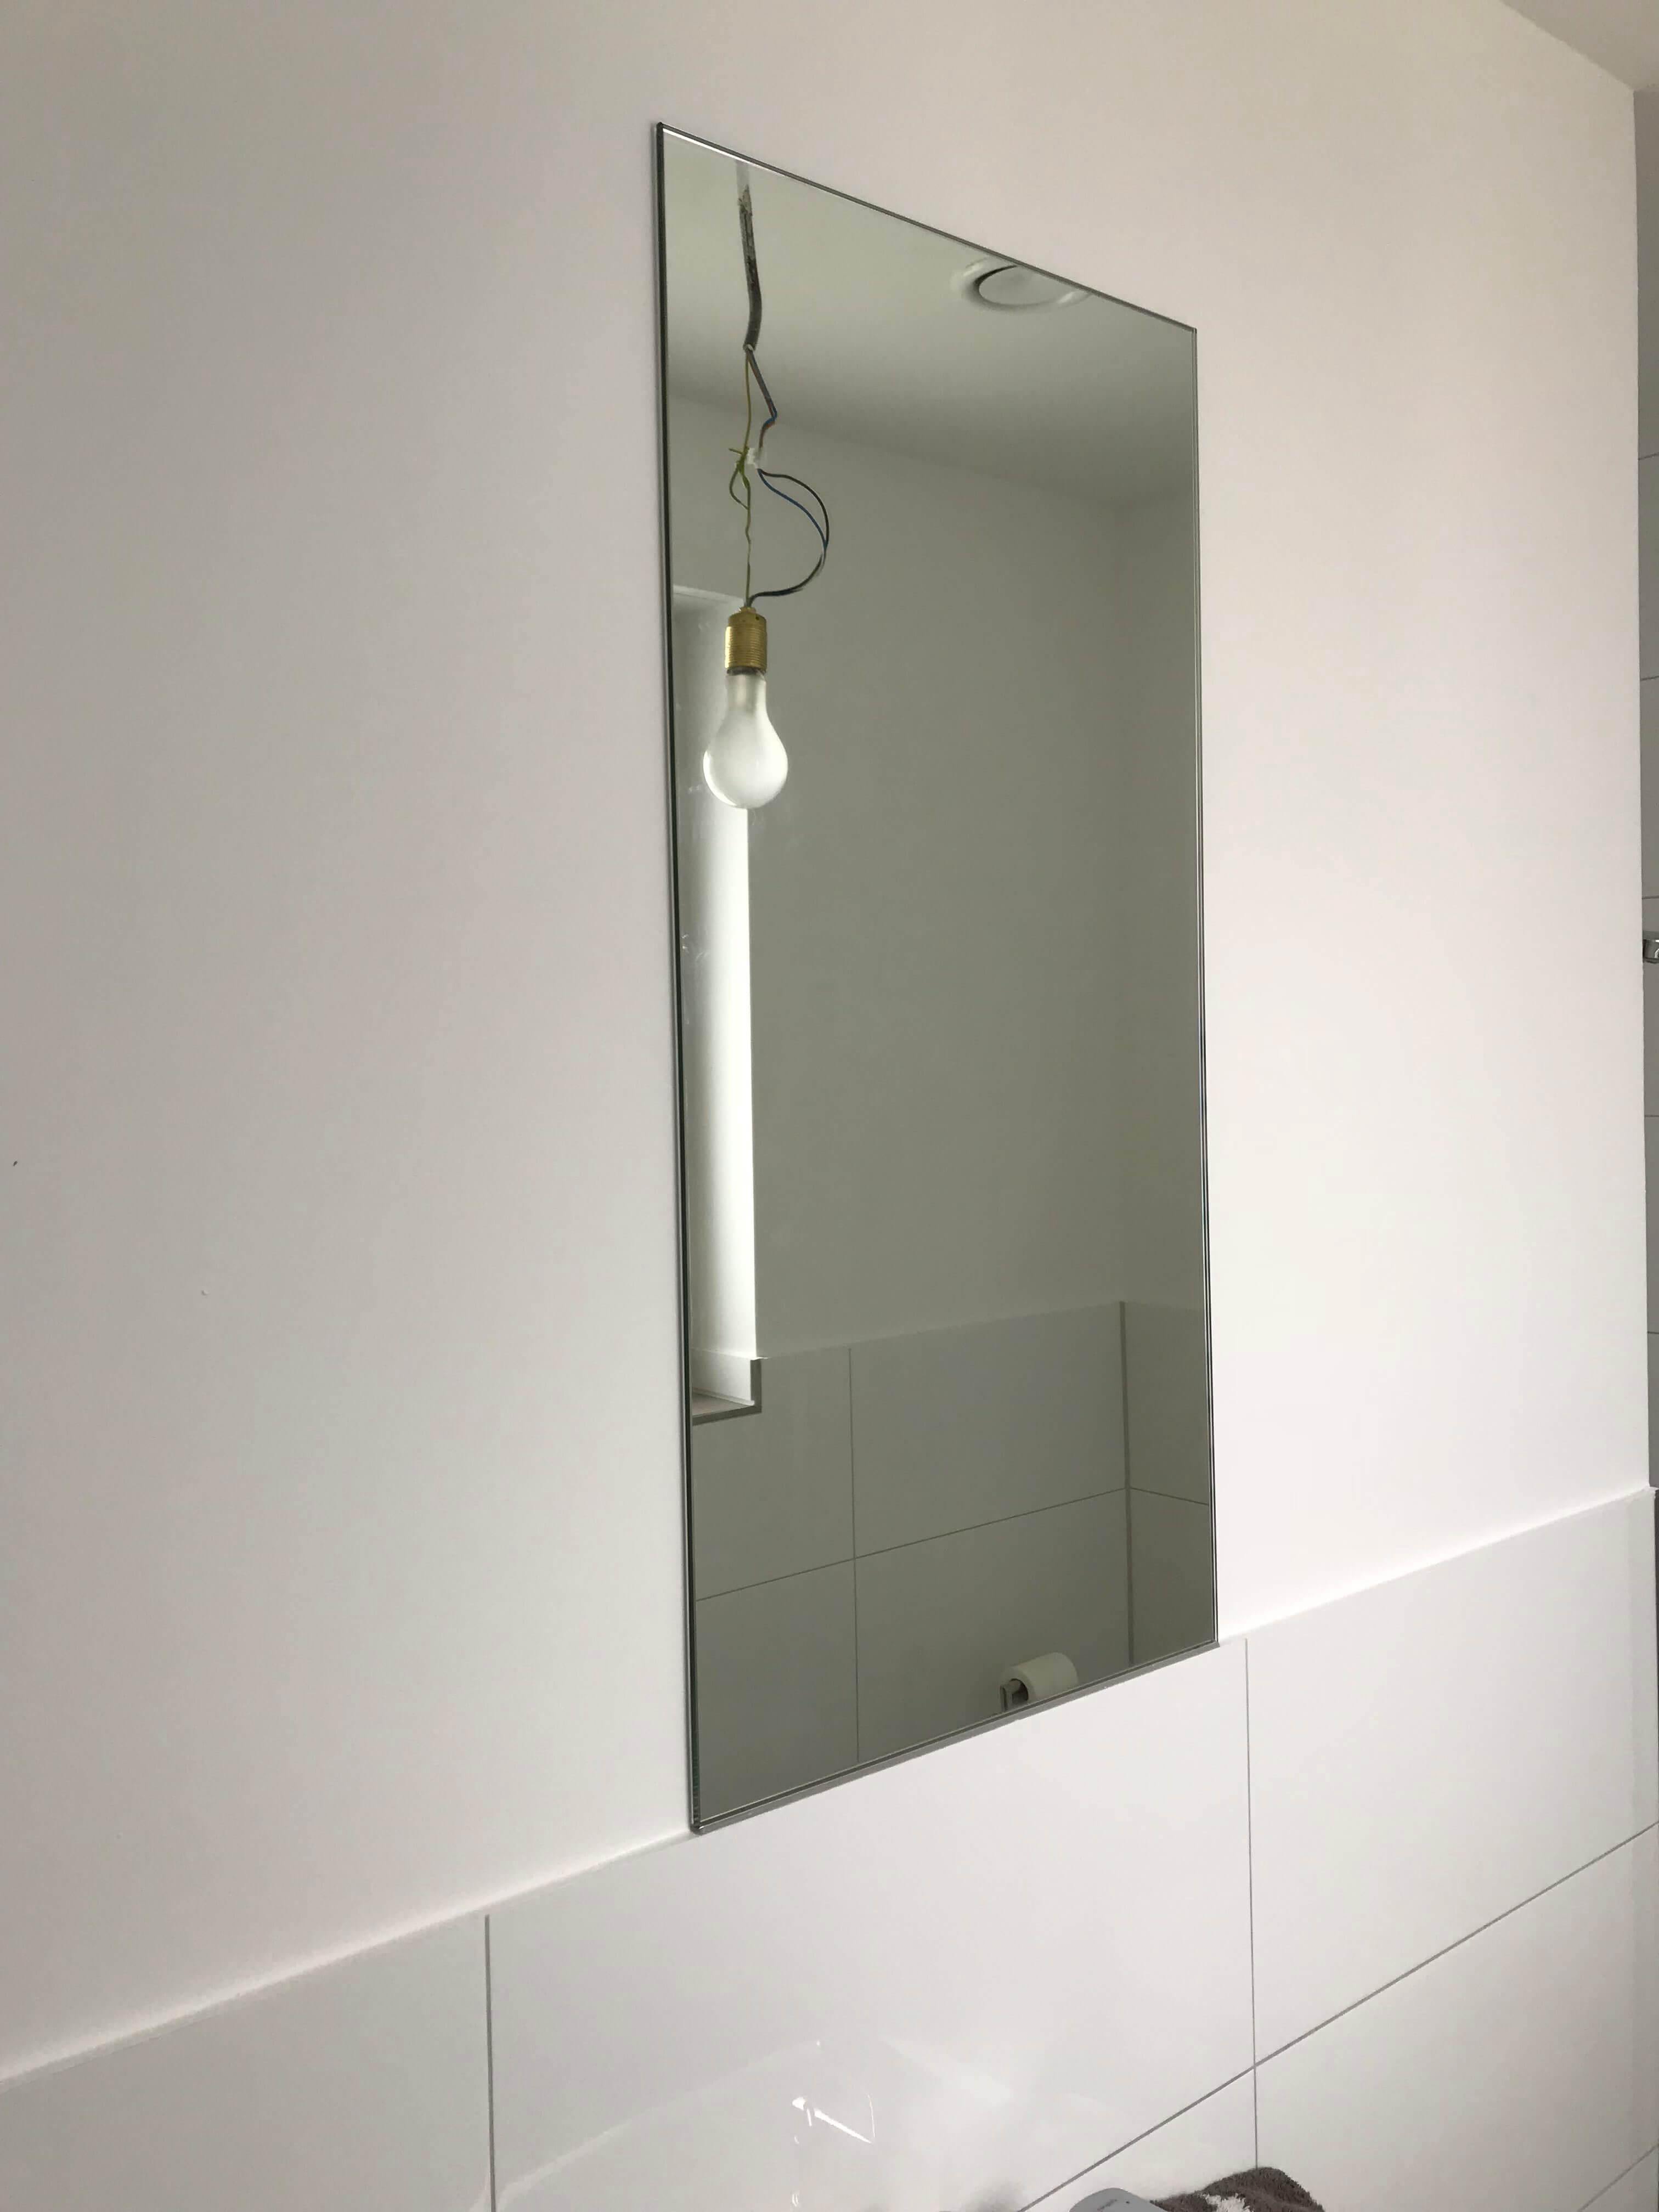 Spiegel und glasplatten glas goldschmidt gmbh co kg for Spiegel 08 2018